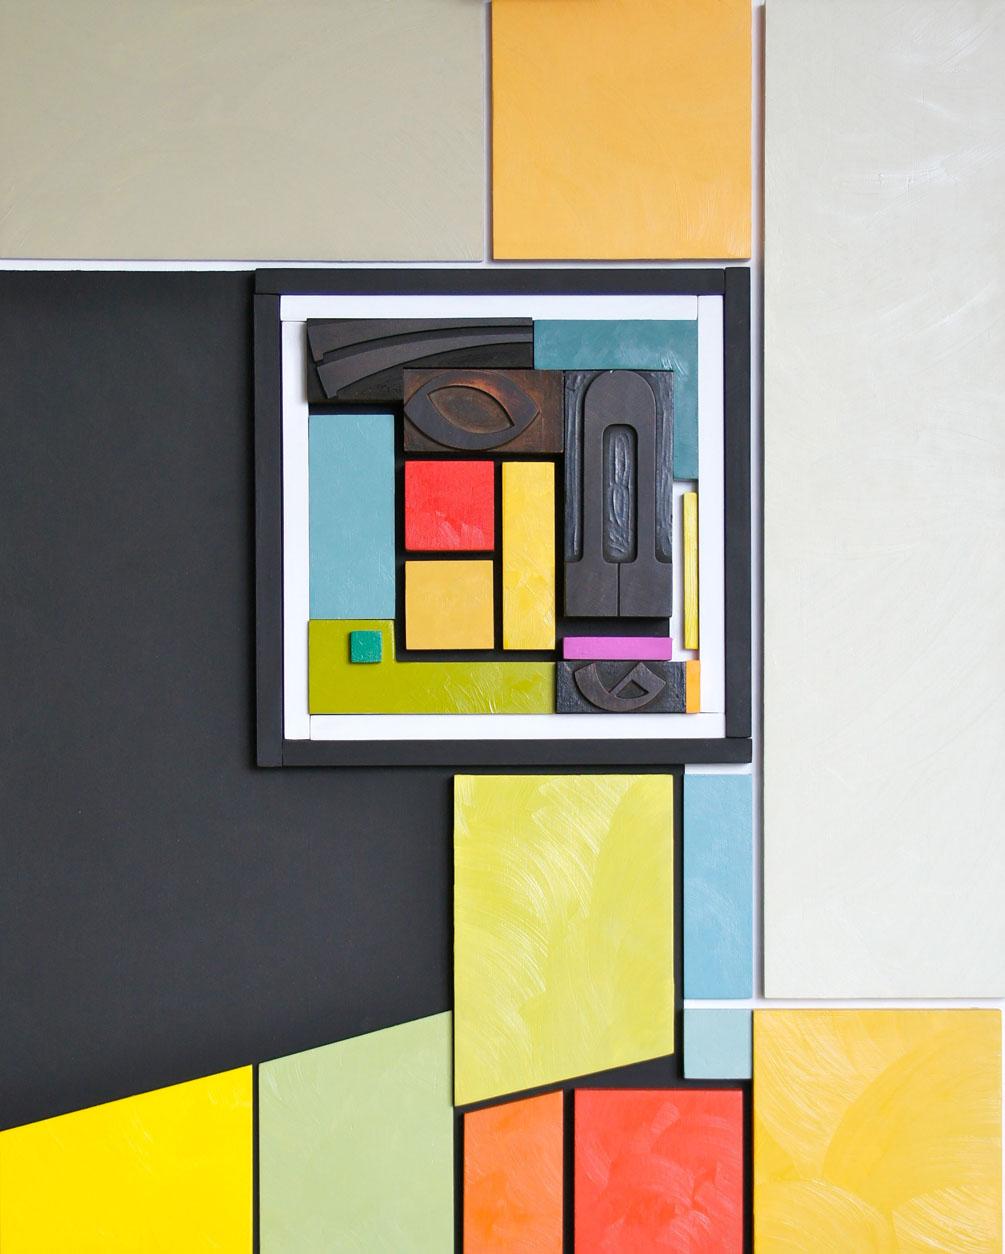 Elogio a PIcasso en el Centenario del Cubismo (2012) - Sebastián García Garrido